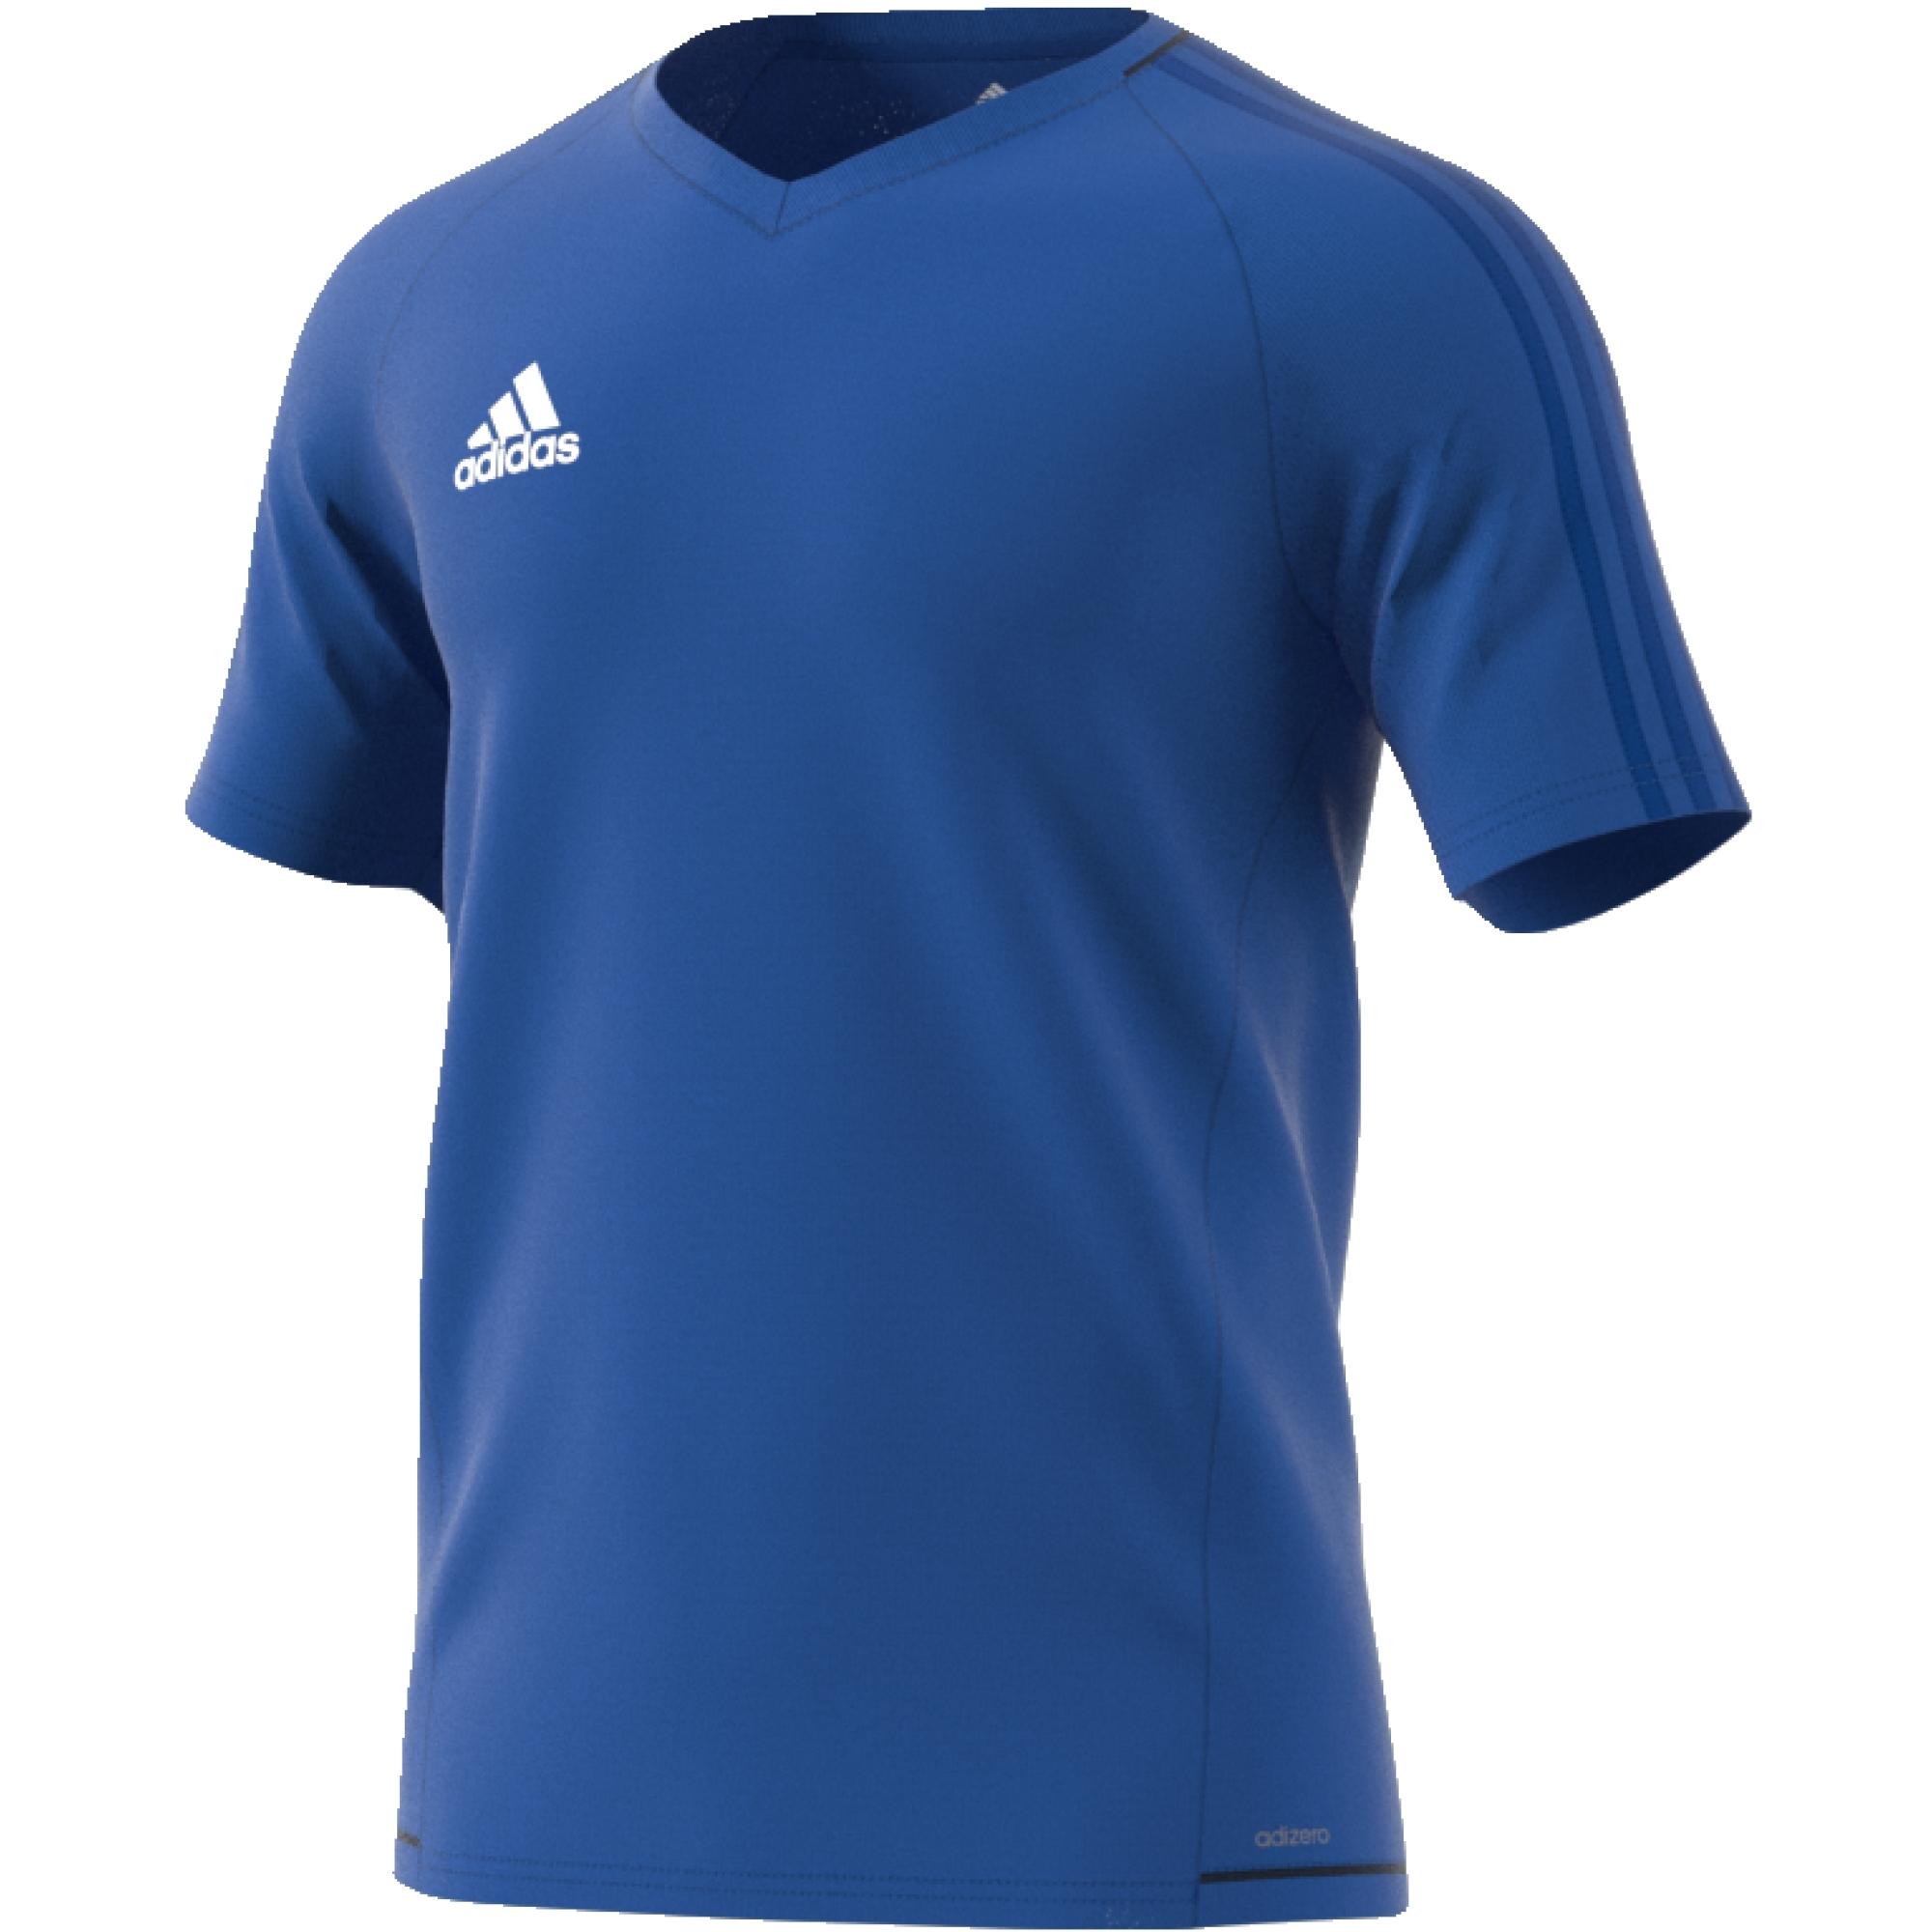 ADIDAS tréninkové triko Tiro 17